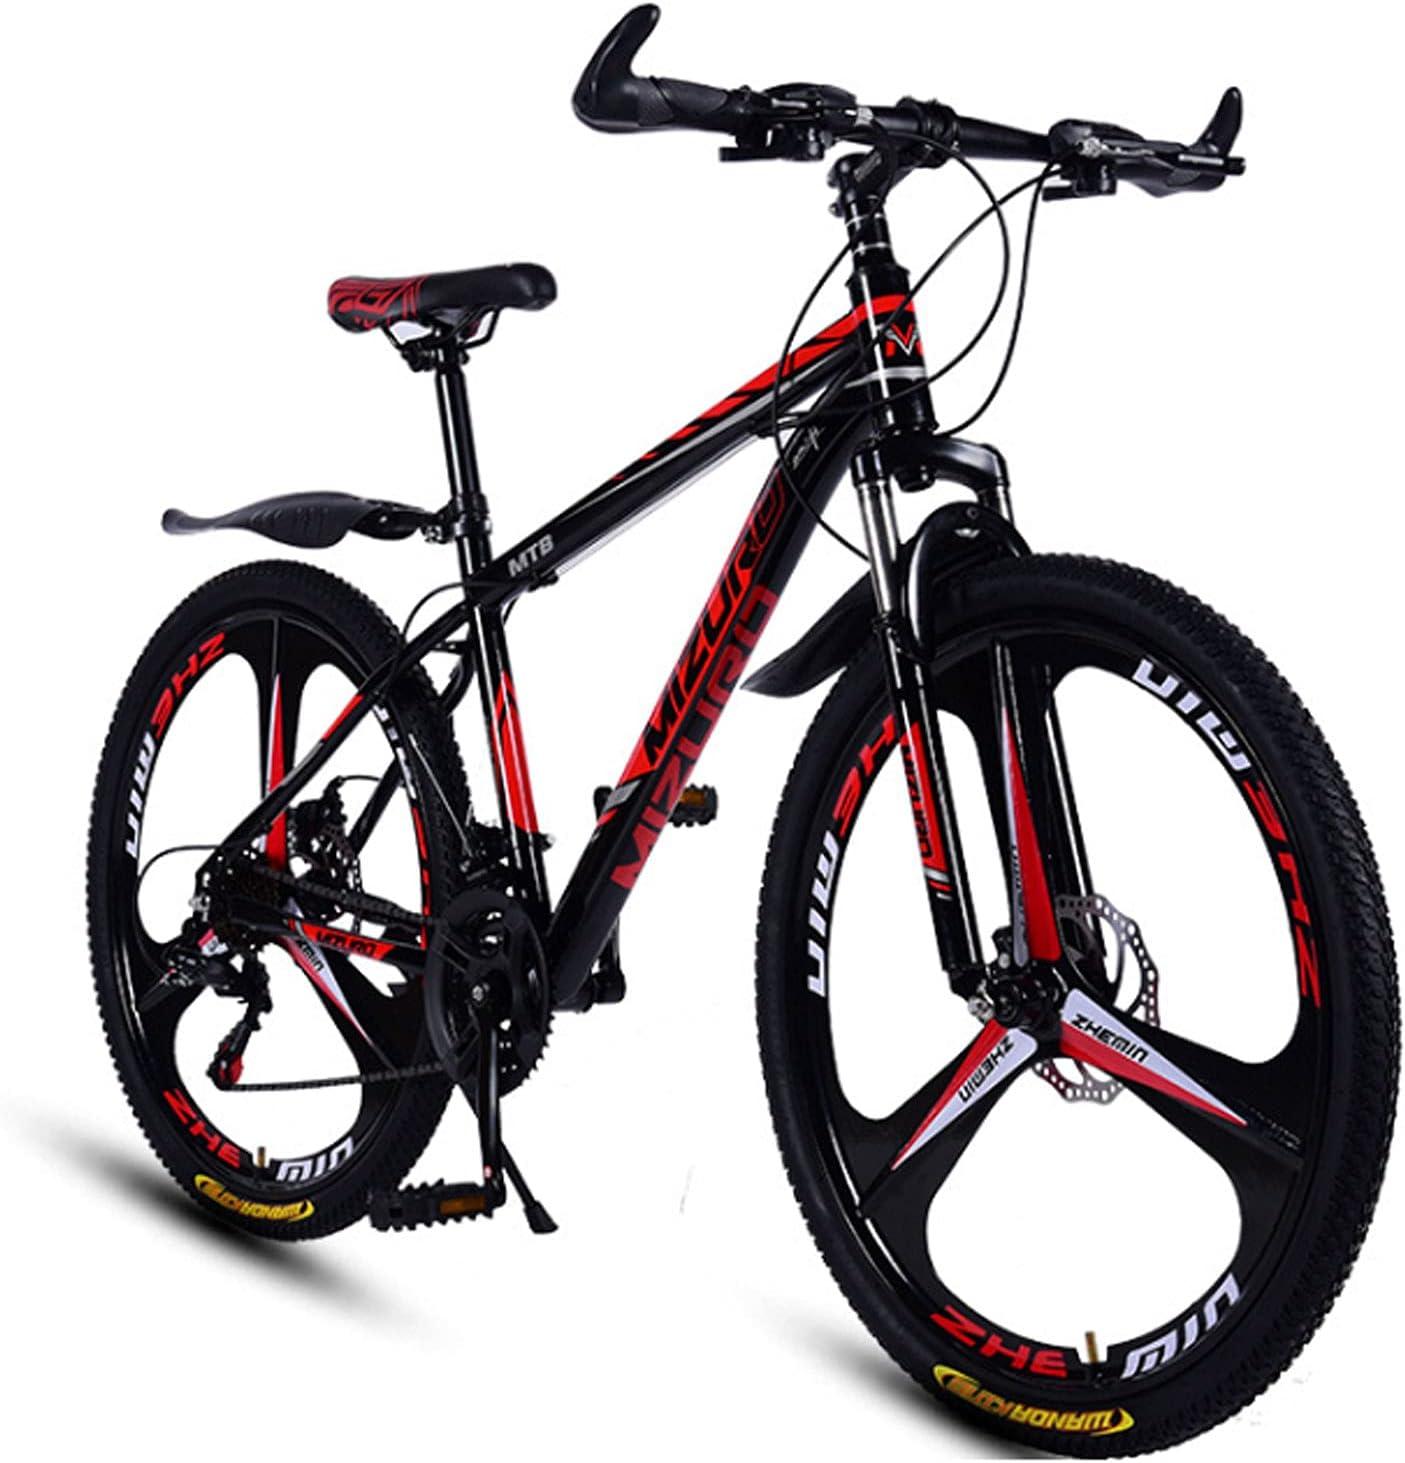 DWXN 26 Pulgadas 21 velocidades Fuera de la Carretera Bicicletas, neumáticos Gruesos Suspensión de Acero Altas de Carbono, Hombres y Mujeres, Bicicletas de montaña, Freno